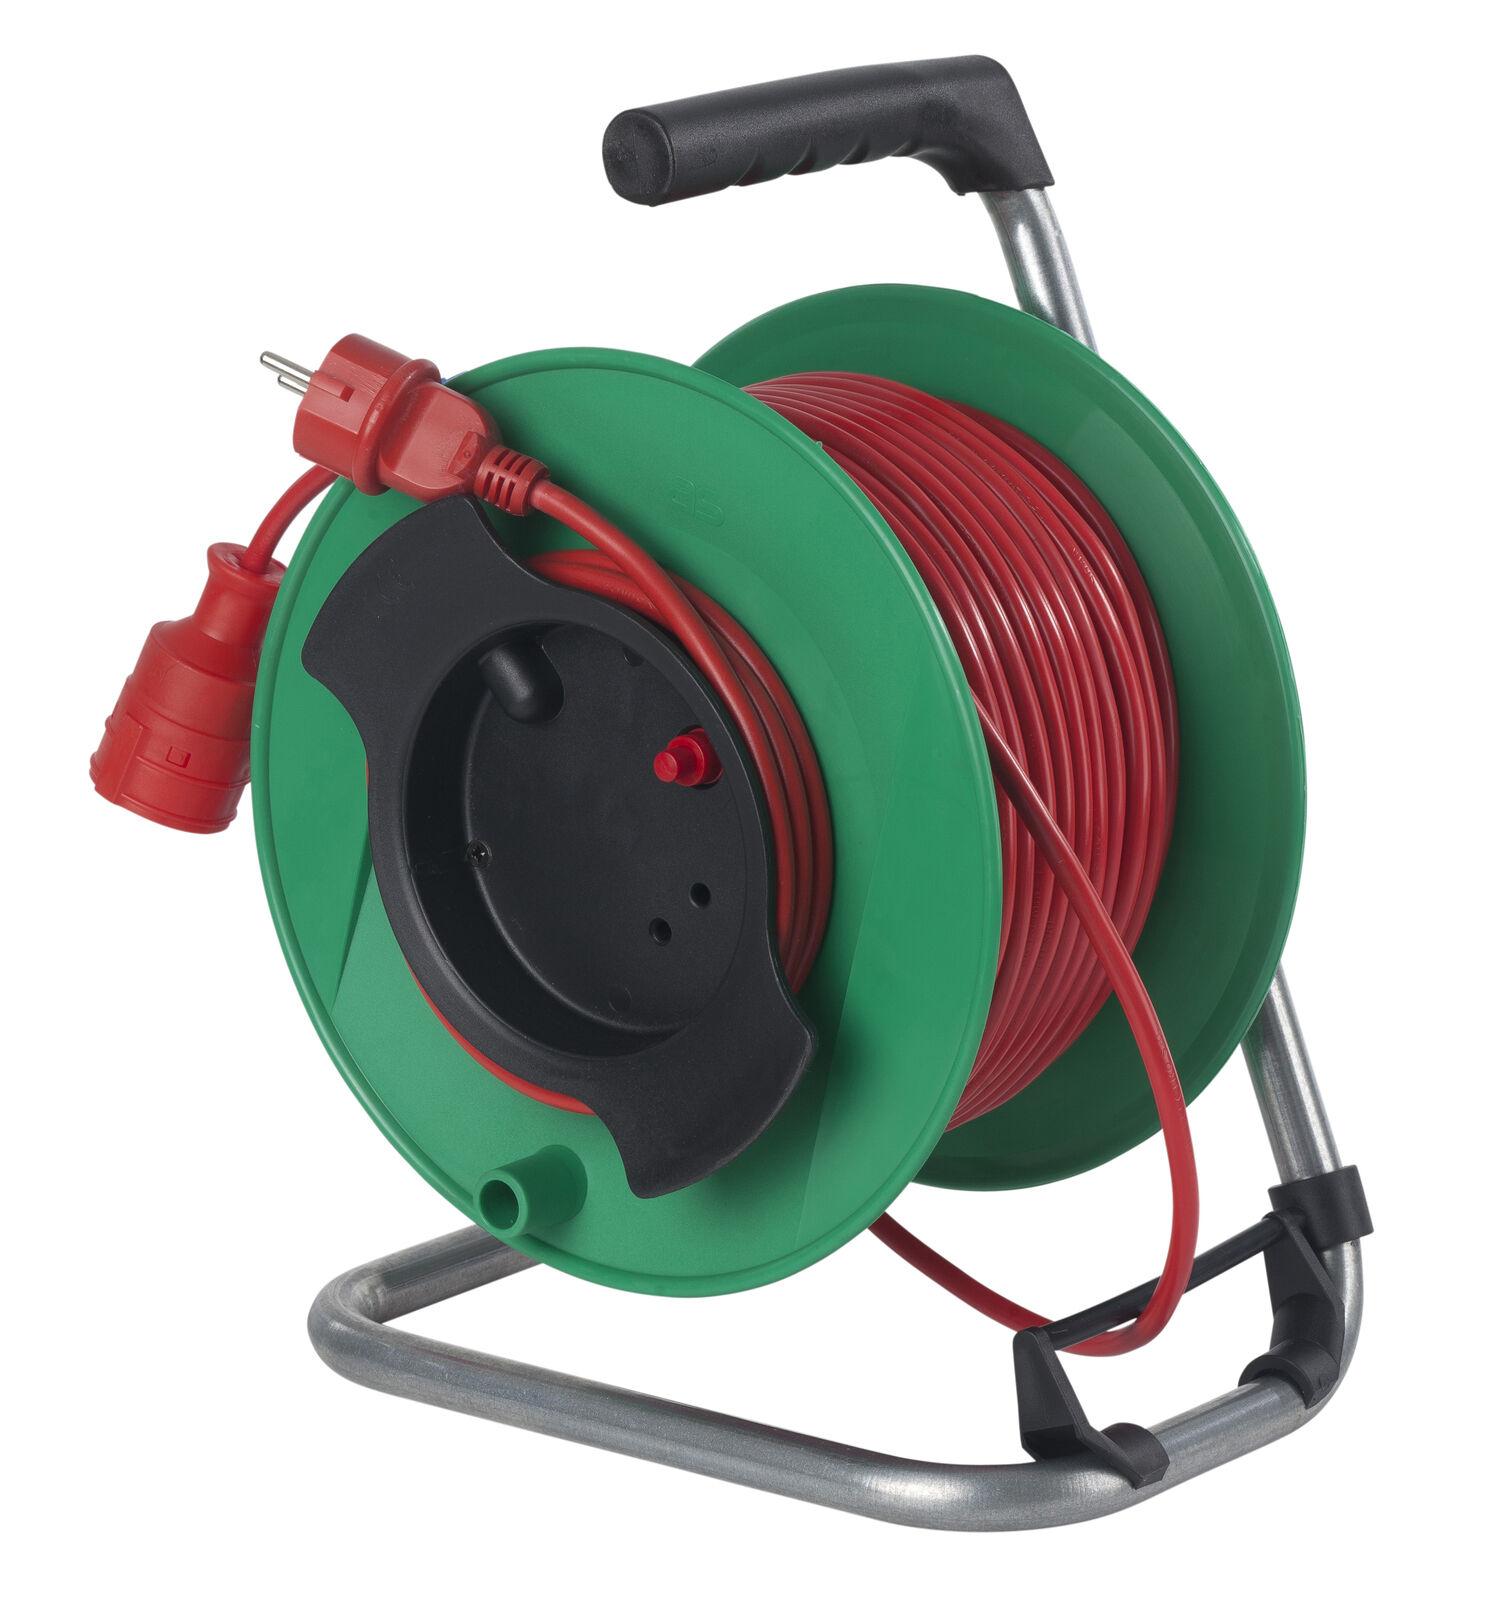 As - Schwabe 12323 Sicherheits-Gerätetrommel 230mmØ grün, 25m H05VV-F 3G1,5   Sale Deutschland